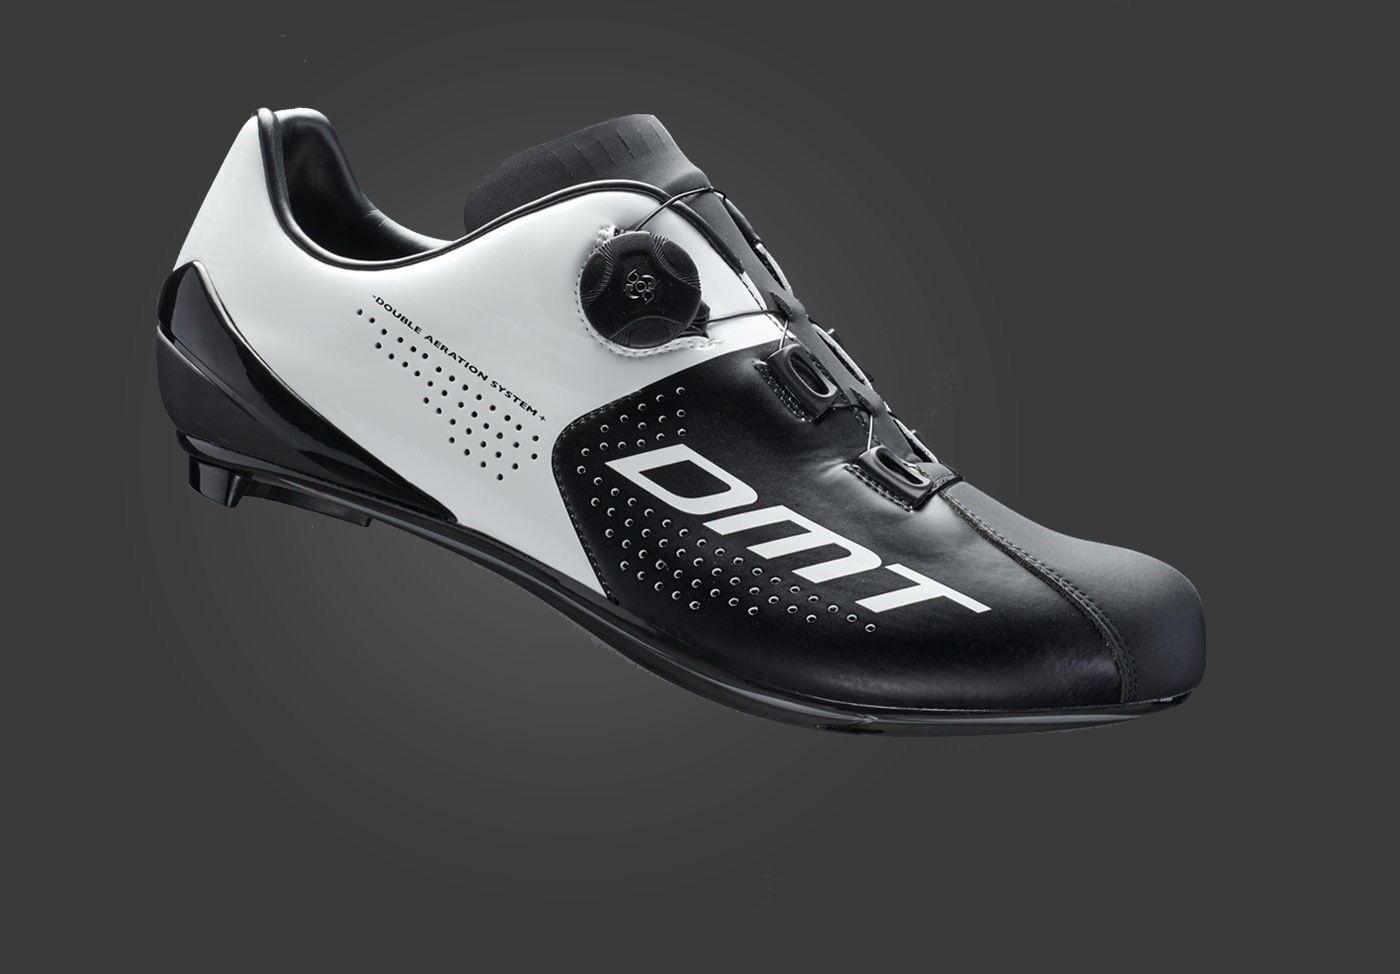 Schuhe CICLISMO DMT R3 SUOLA CARBONIO colore NERO-BIANCO